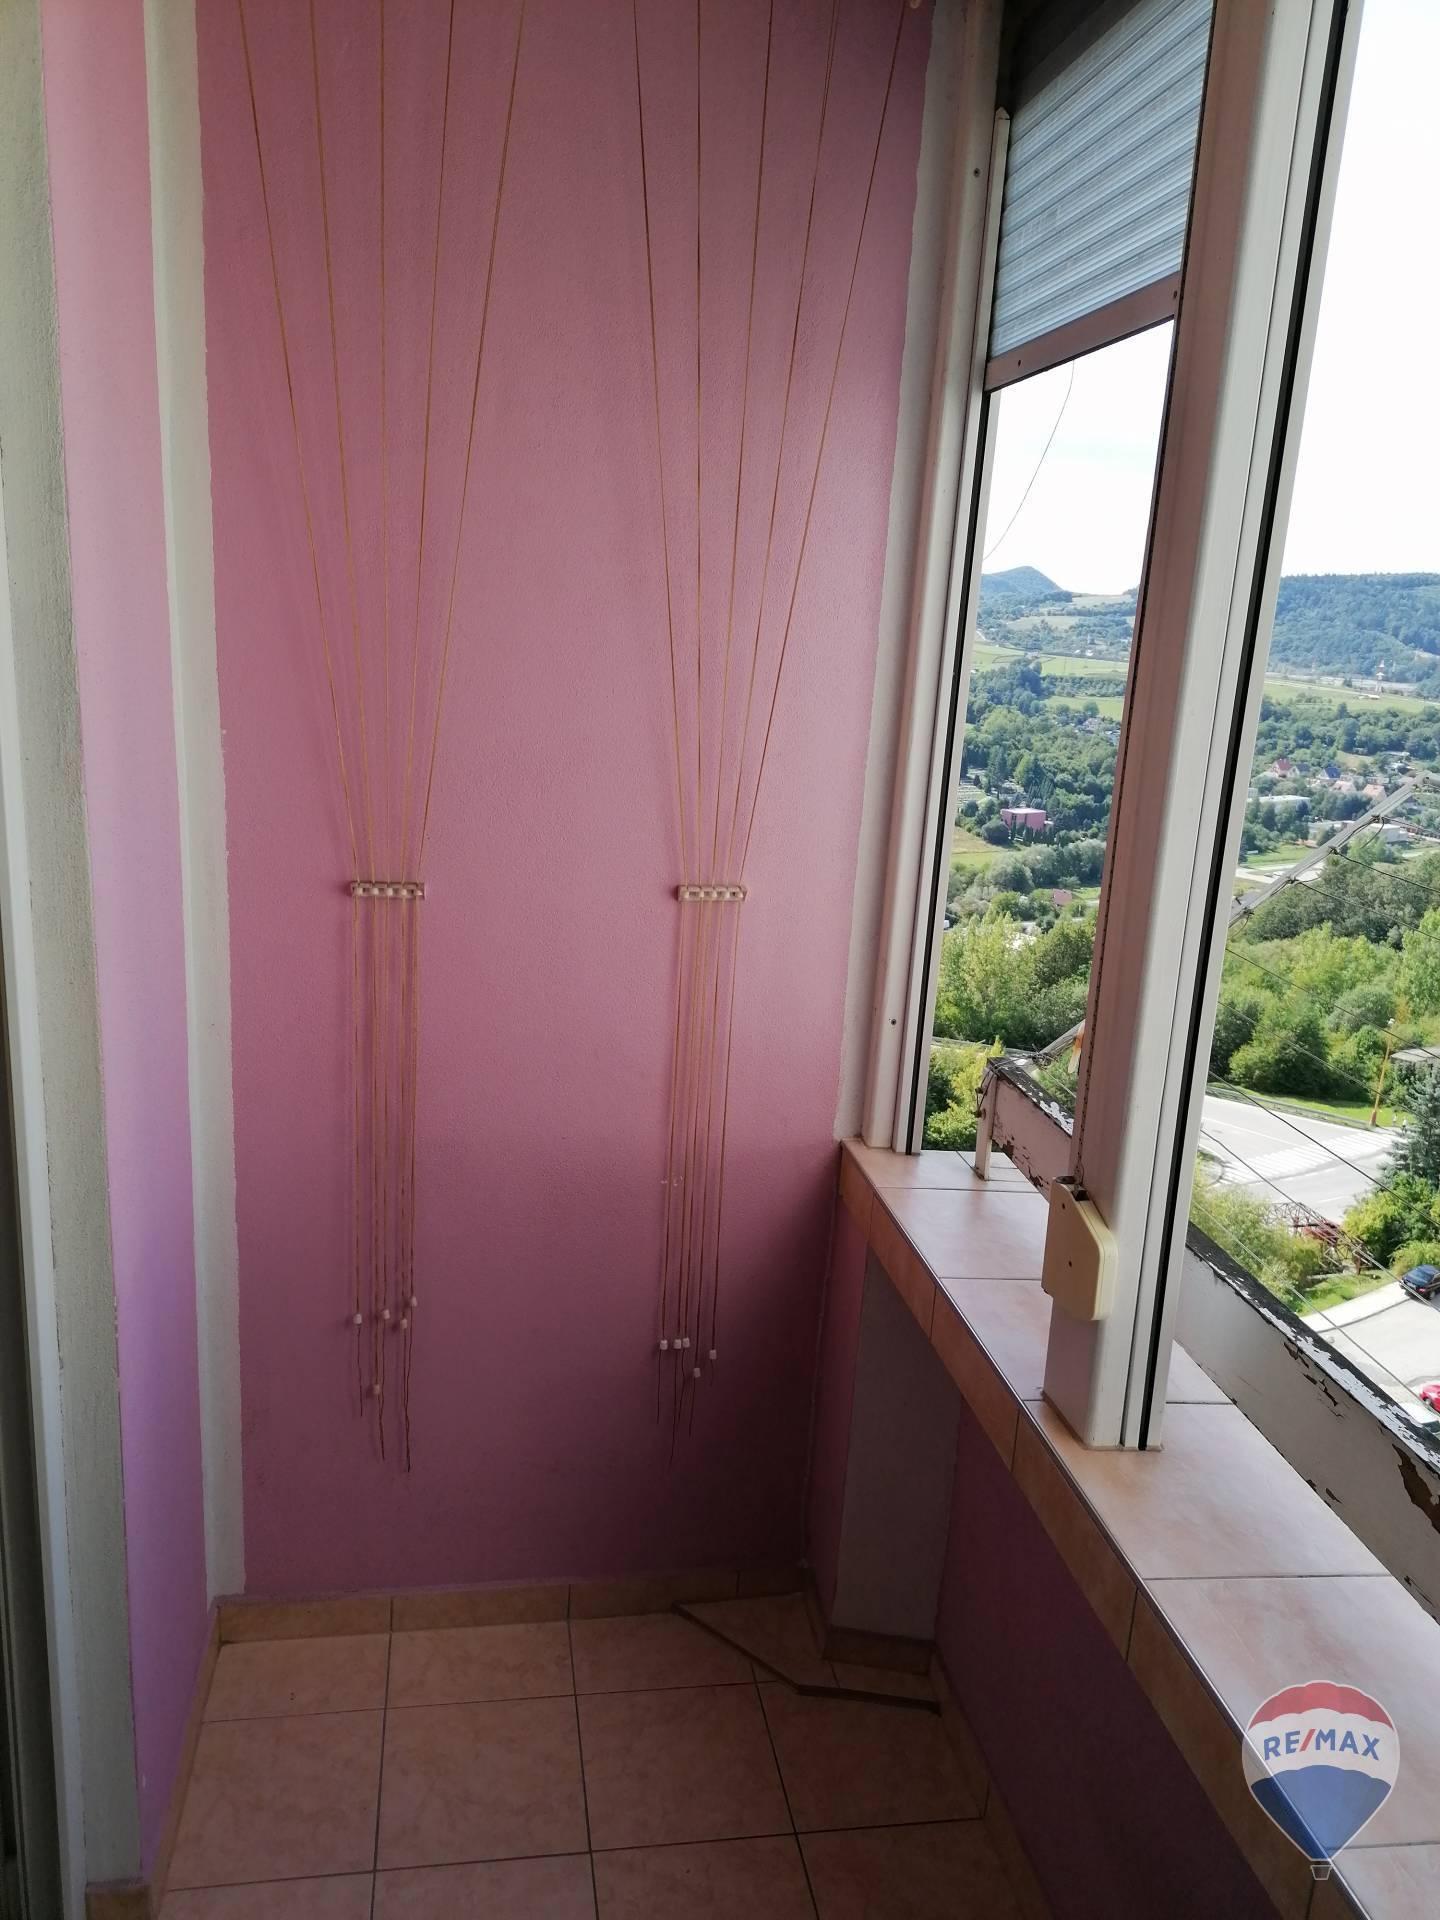 Predaj bytu (4 izbový) 68 m2, Považská Bystrica -